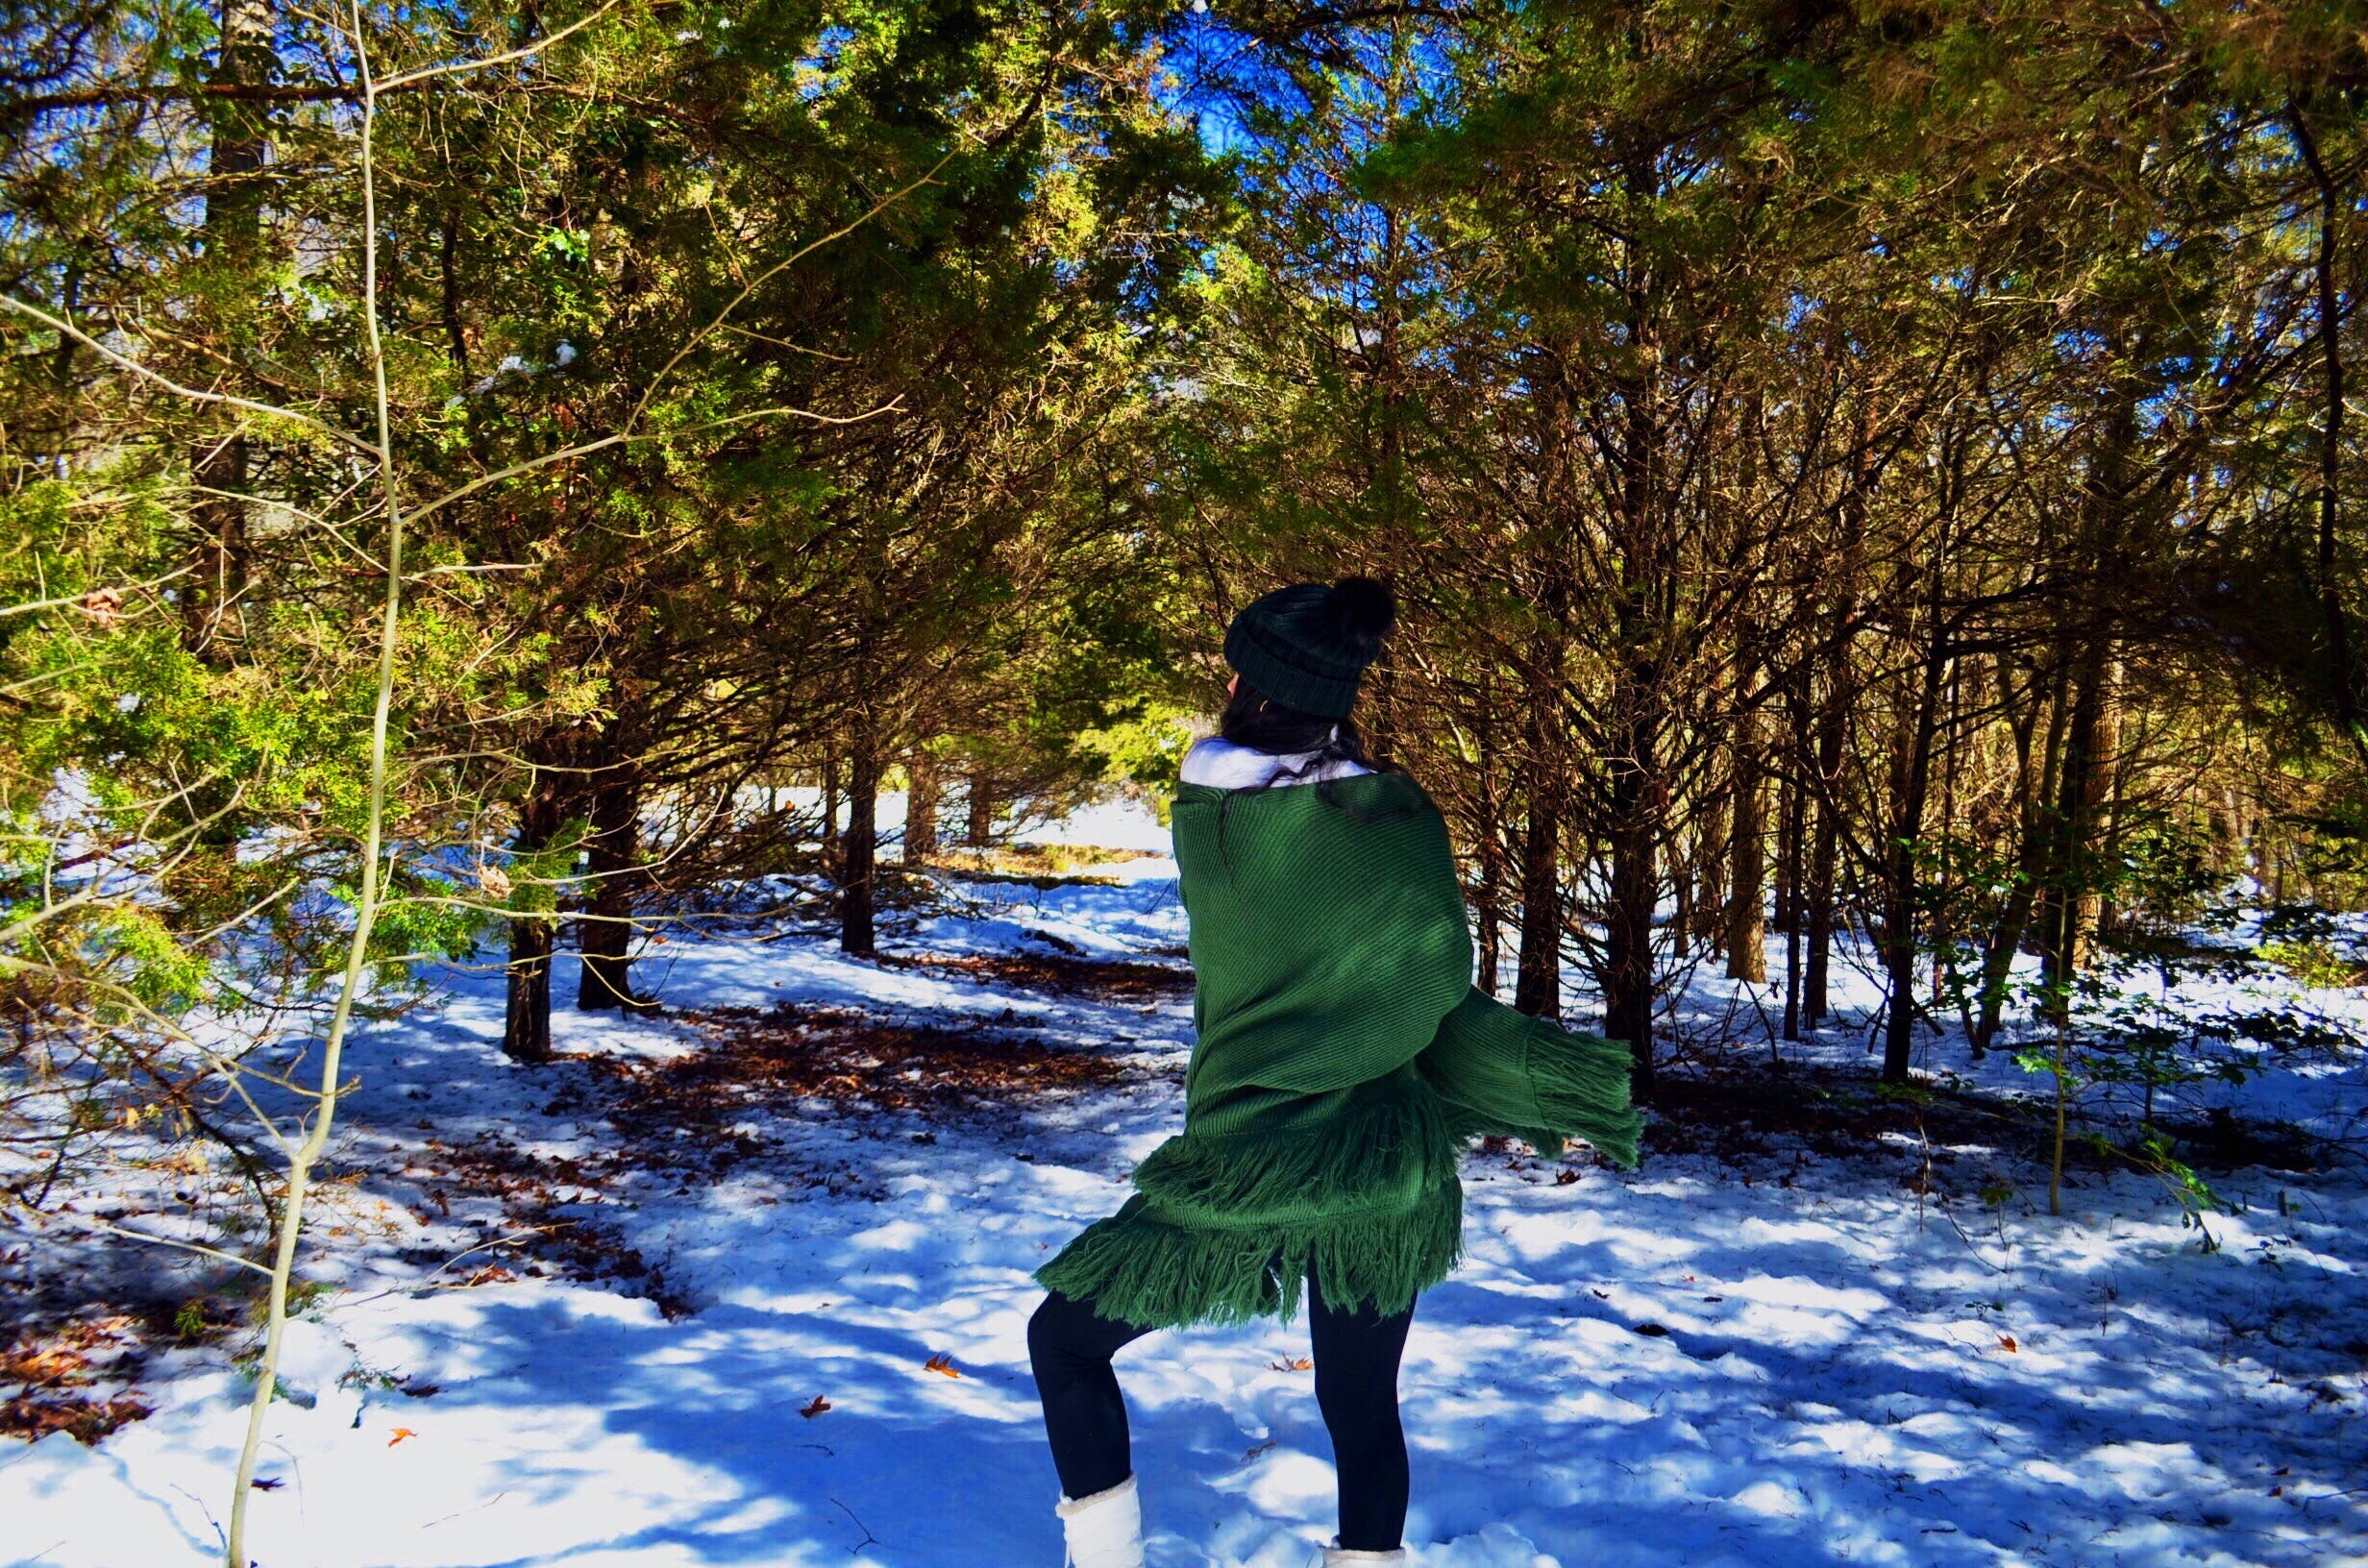 Δωρεάν στοκ φωτογραφιών με χειμερινά ρούχα, χειμερινή χώρα των θαυμάτων, χειμερινό τοπίο, χειμερινό υπόβαθρο